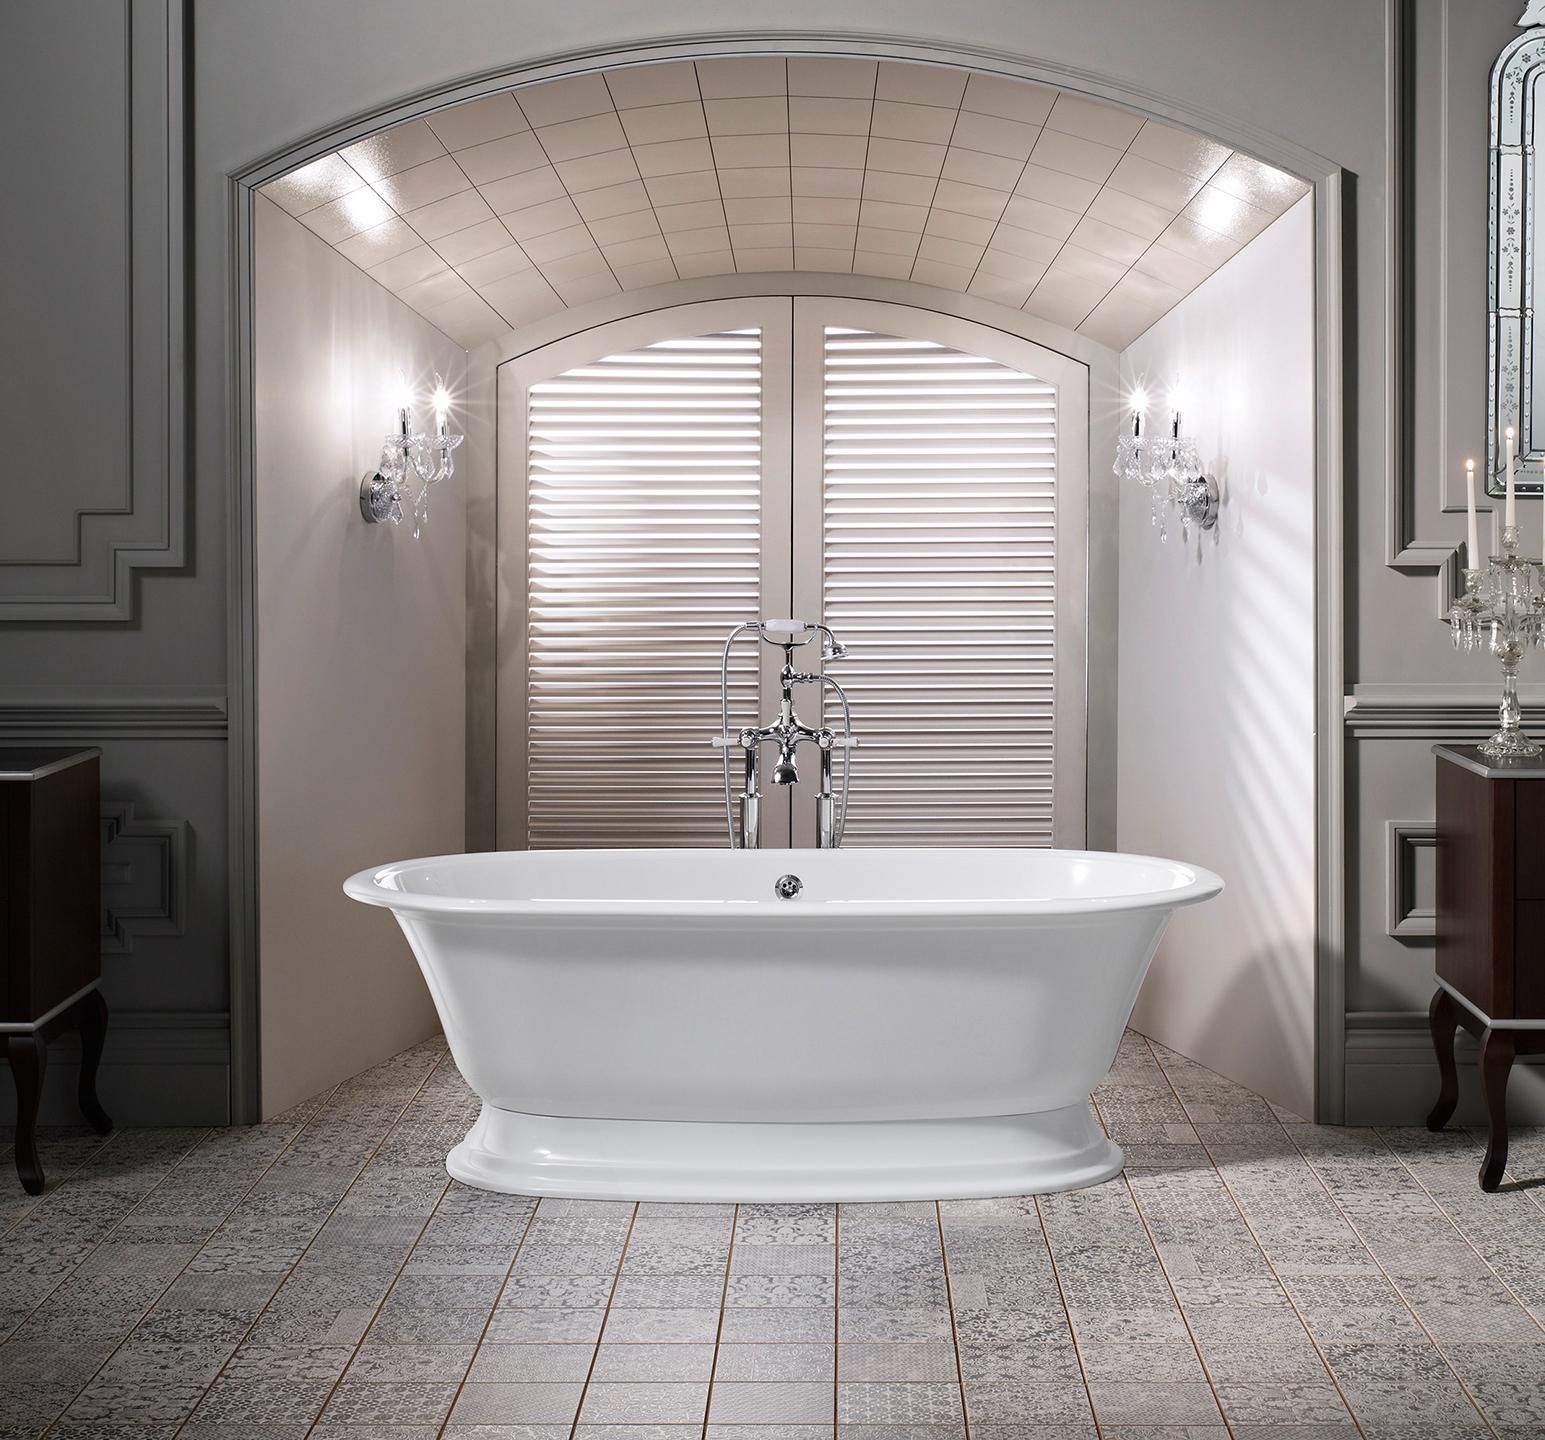 drews tub